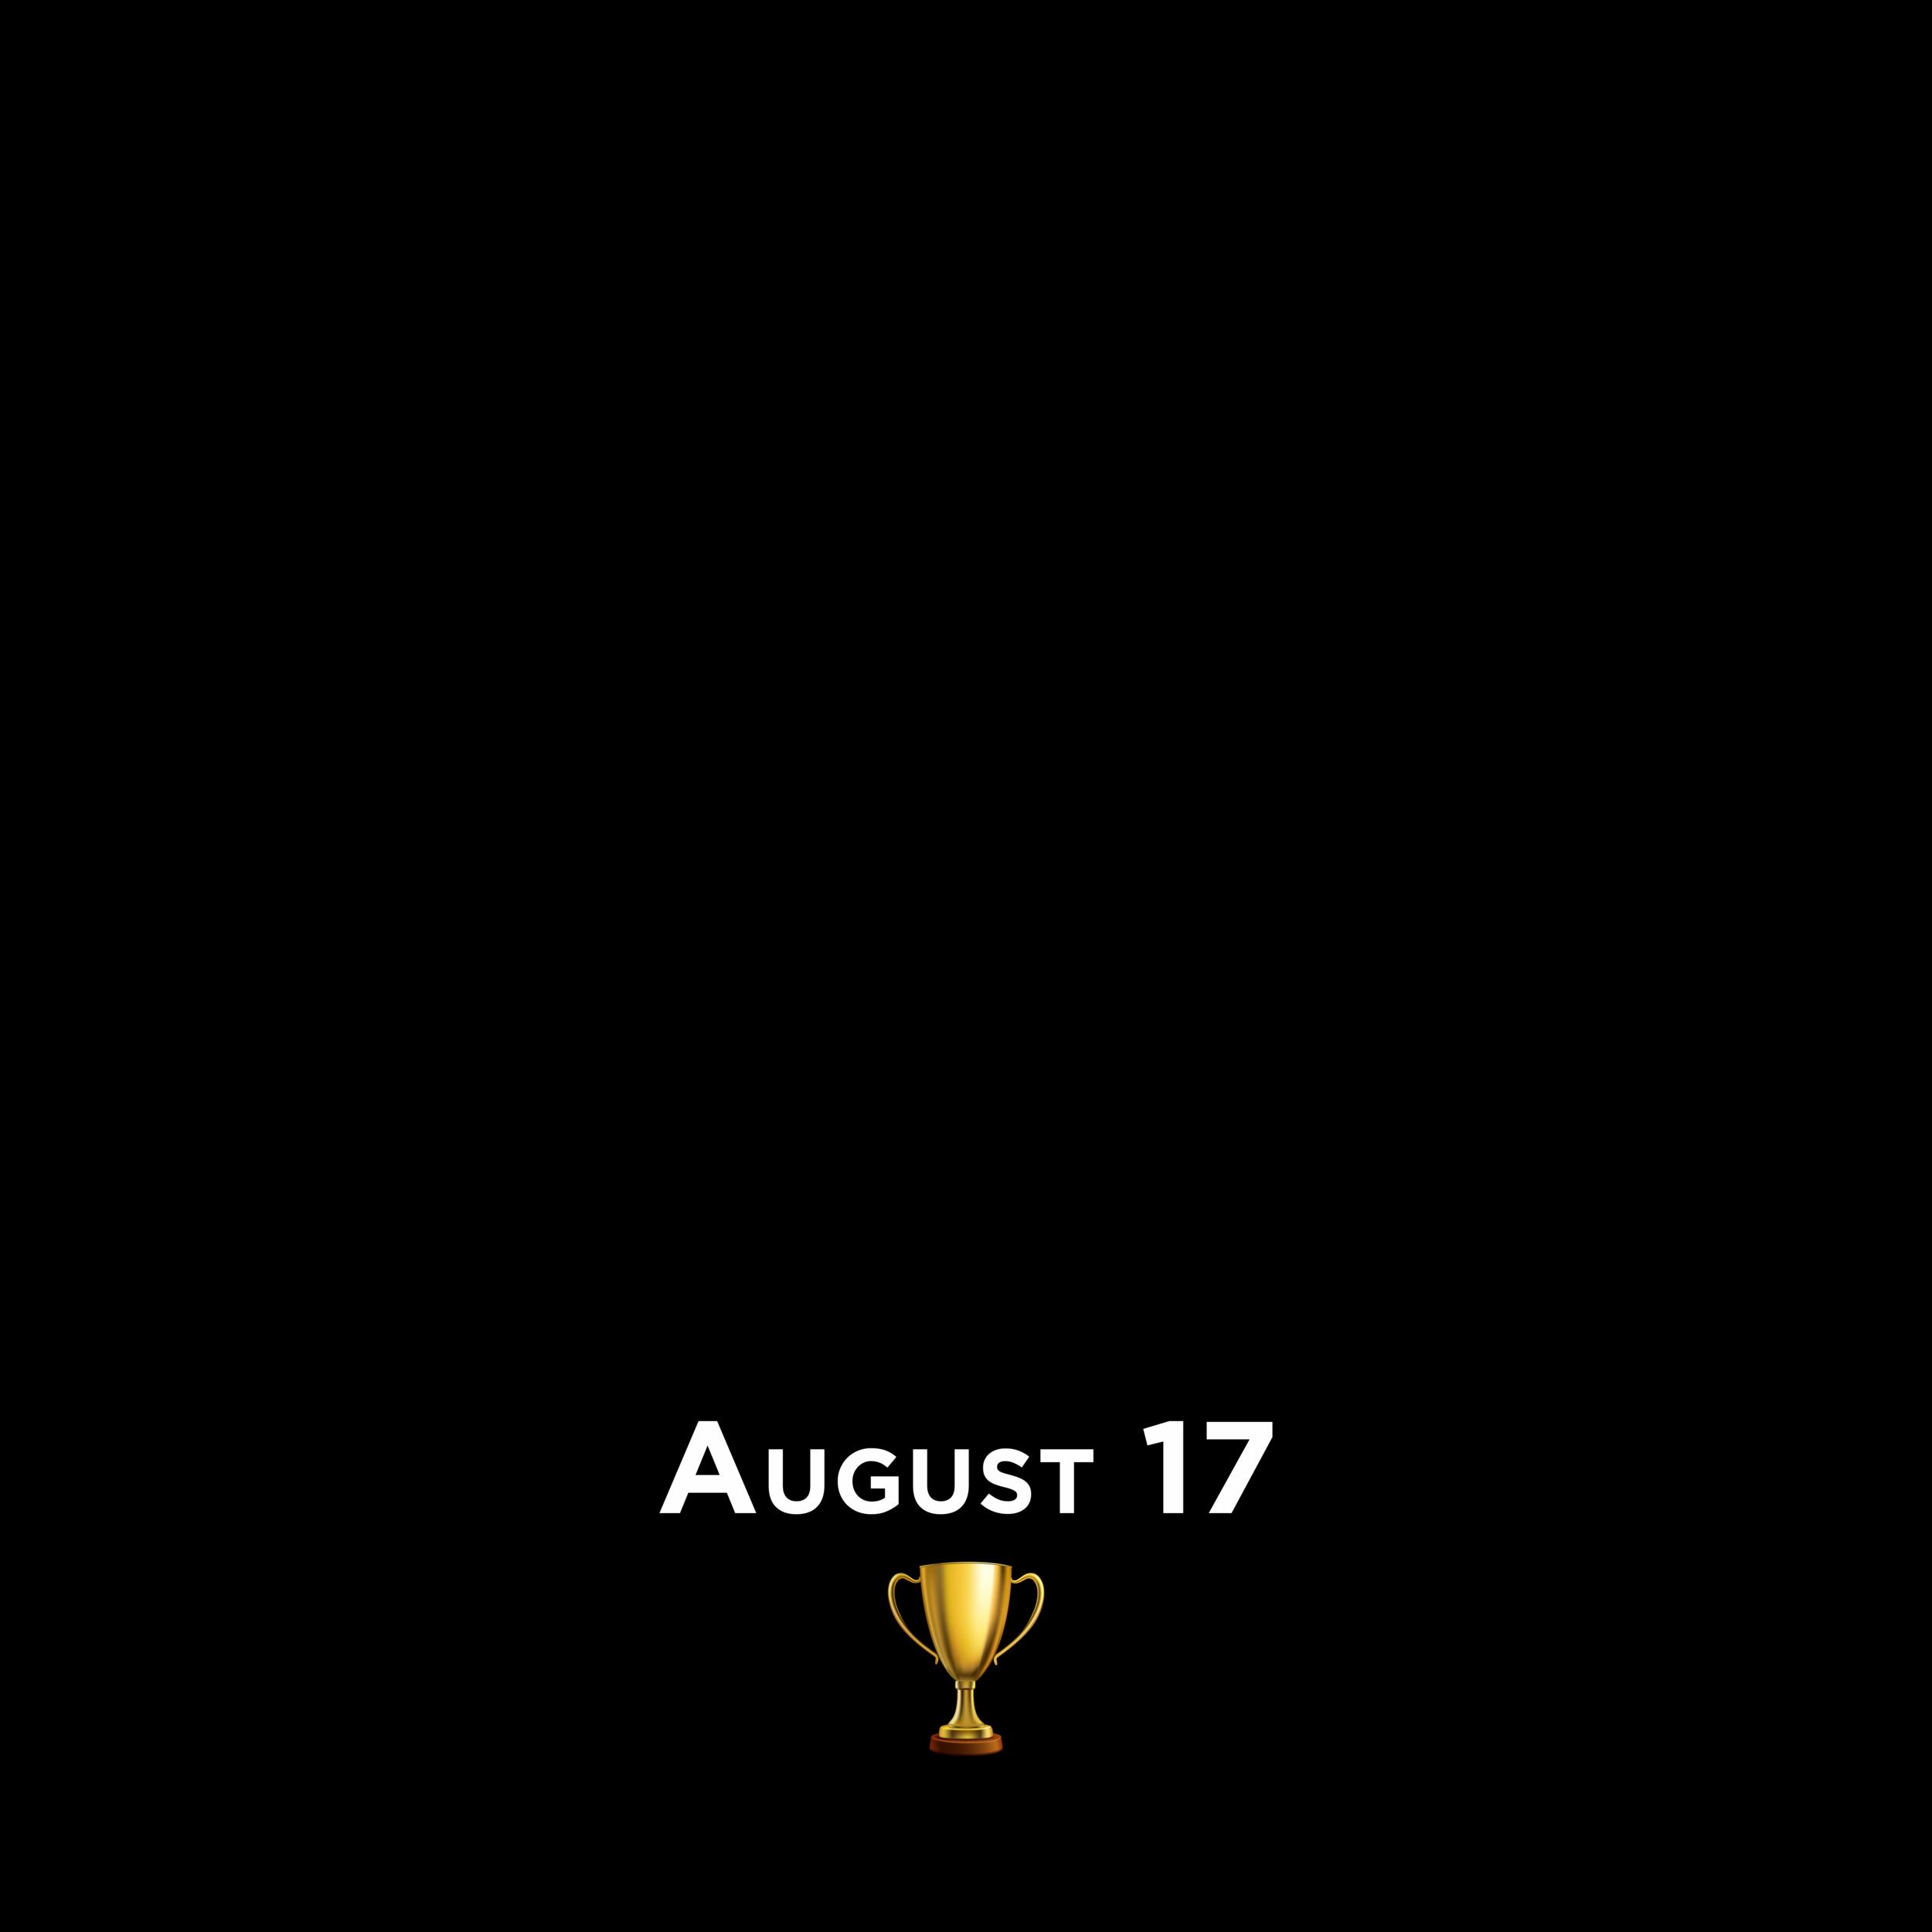 SUMMER GAMES 2019 -